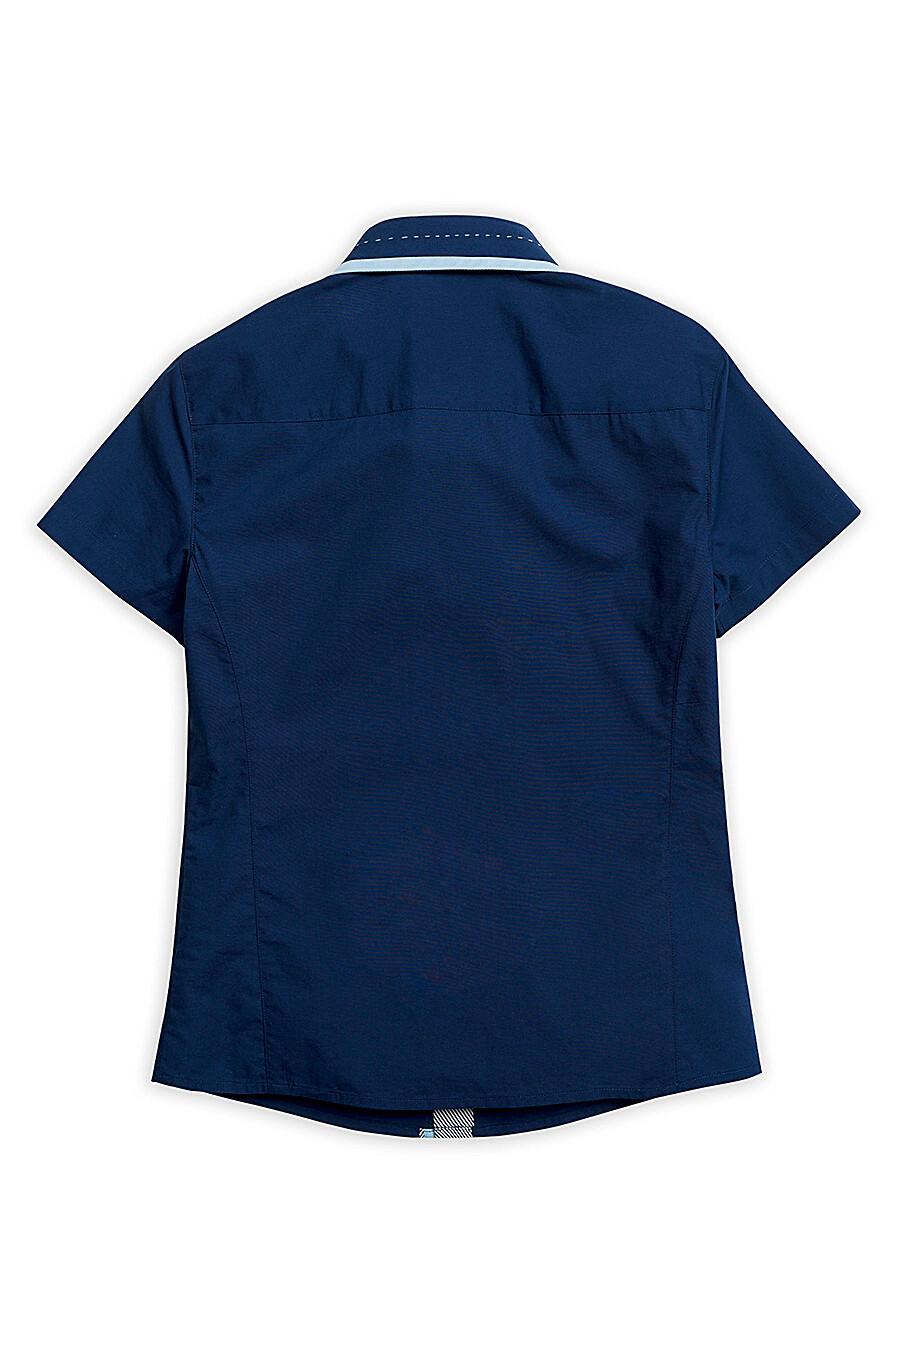 Сорочка для мальчиков PELICAN 218550 купить оптом от производителя. Совместная покупка детской одежды в OptMoyo